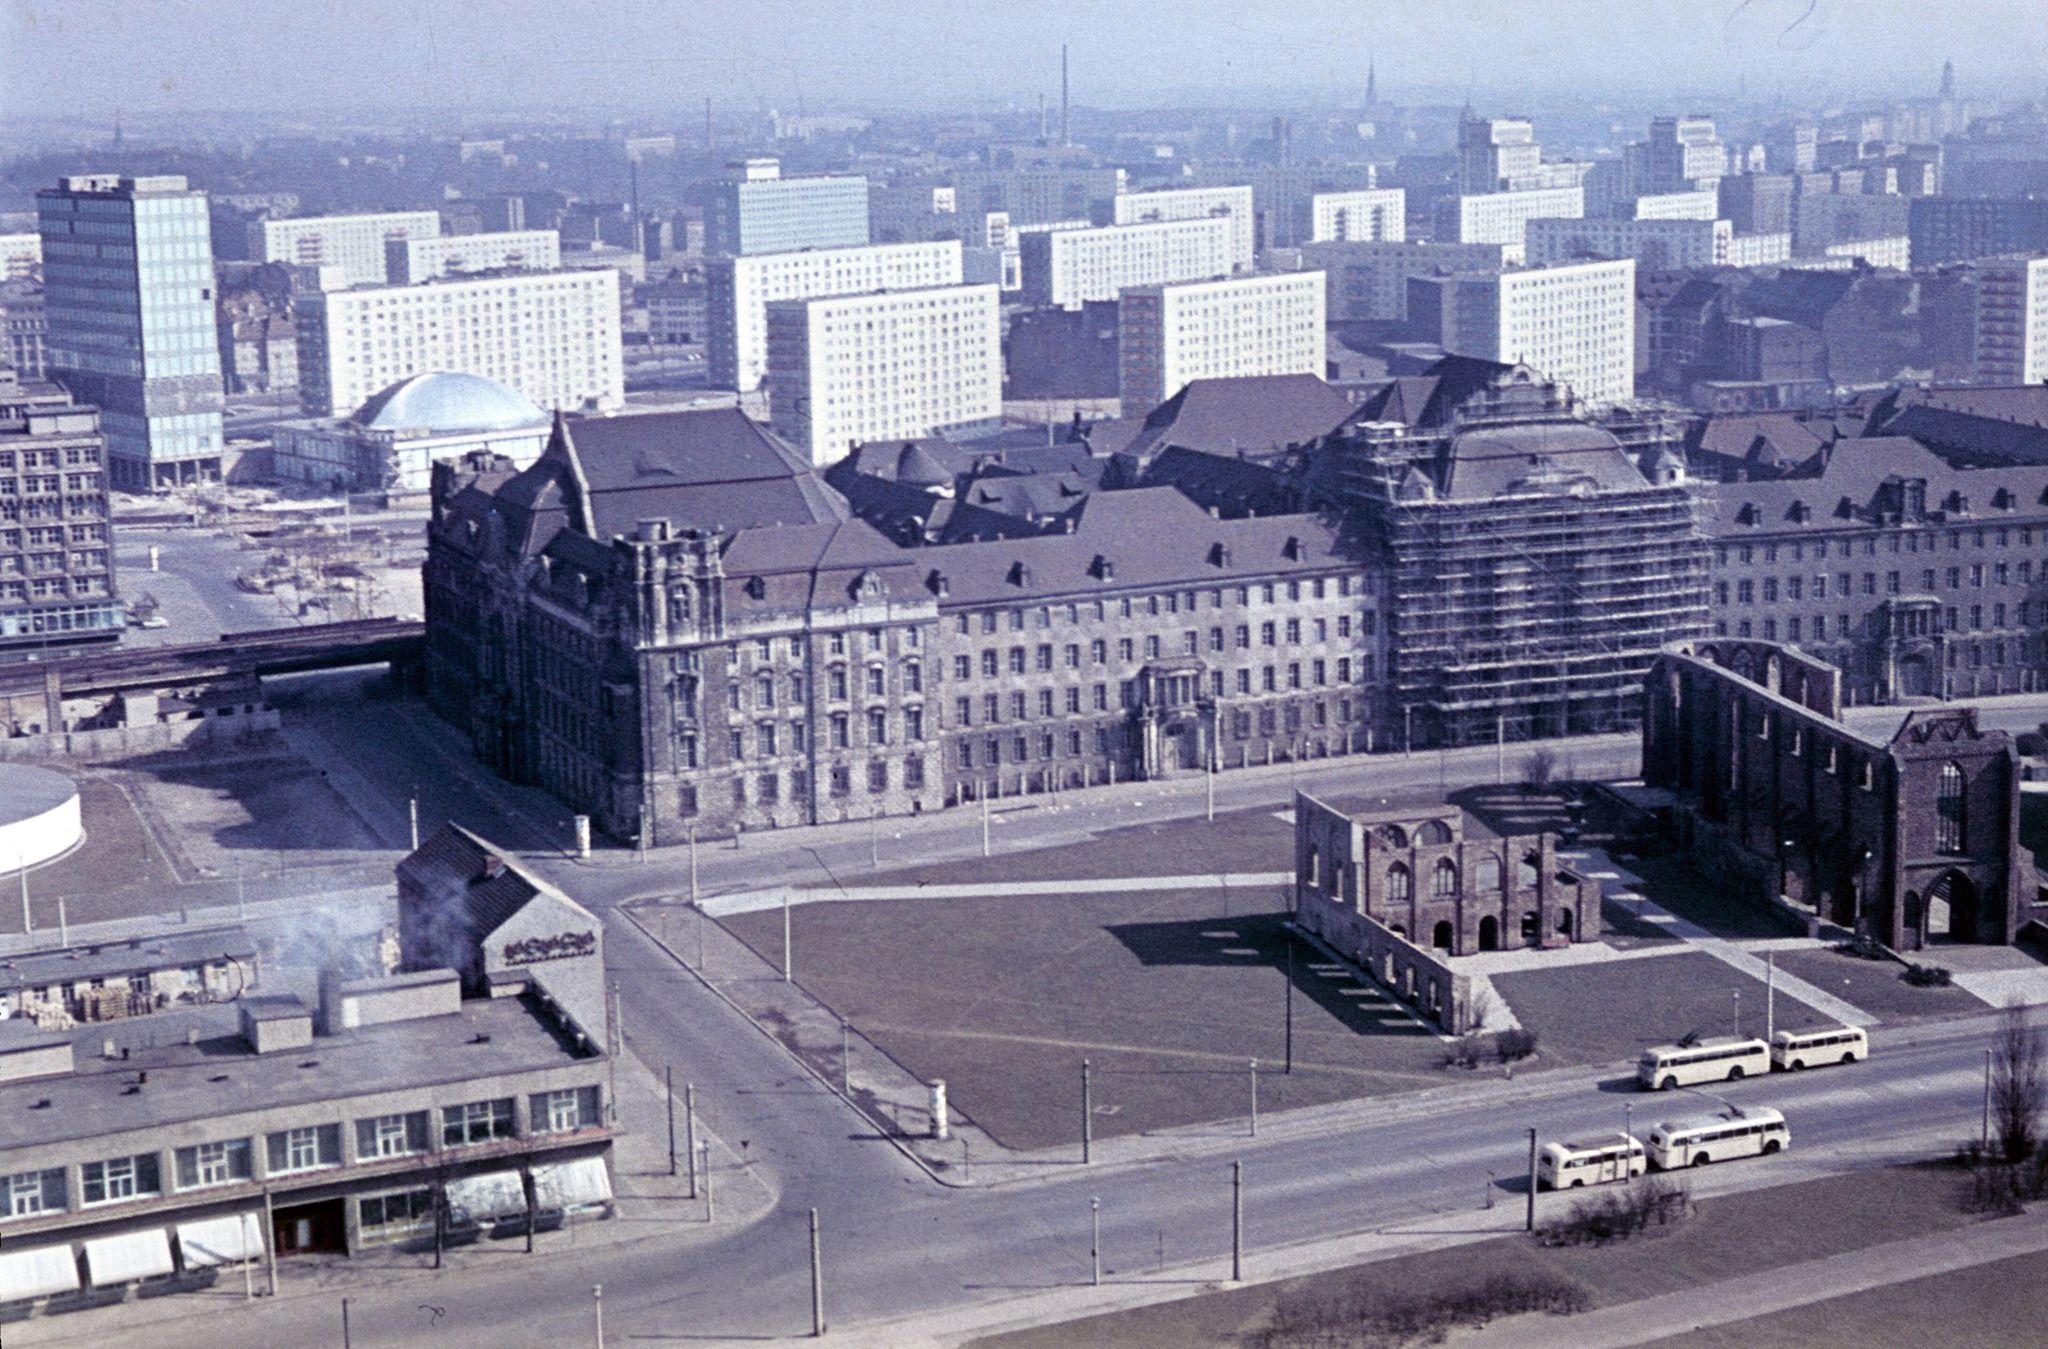 1964 Blick Vom Roten Rathaus Vollstandiges Amtsgericht Mitte 15 3 1964 Rolf Goetze Berlin Geschichte Rathaus Berlin